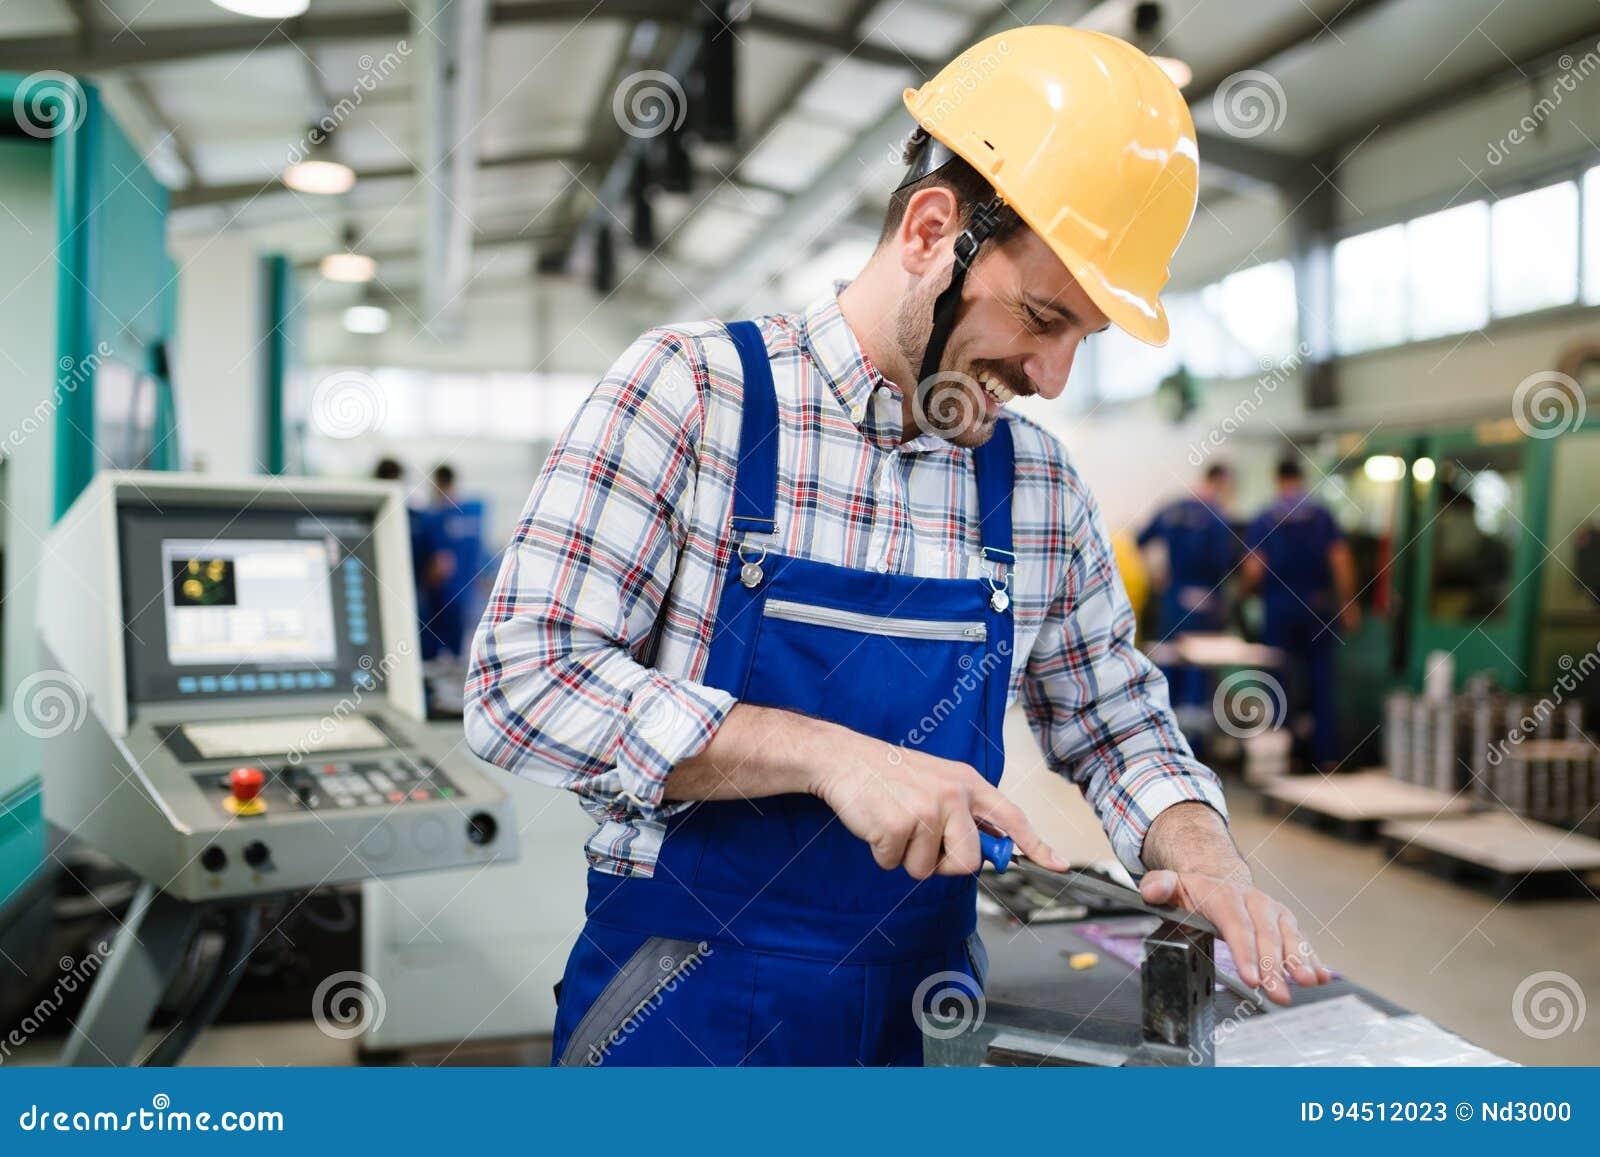 Industrieller Fabrikangestellter, der in der Metall Fertigungsindustrie arbeitet